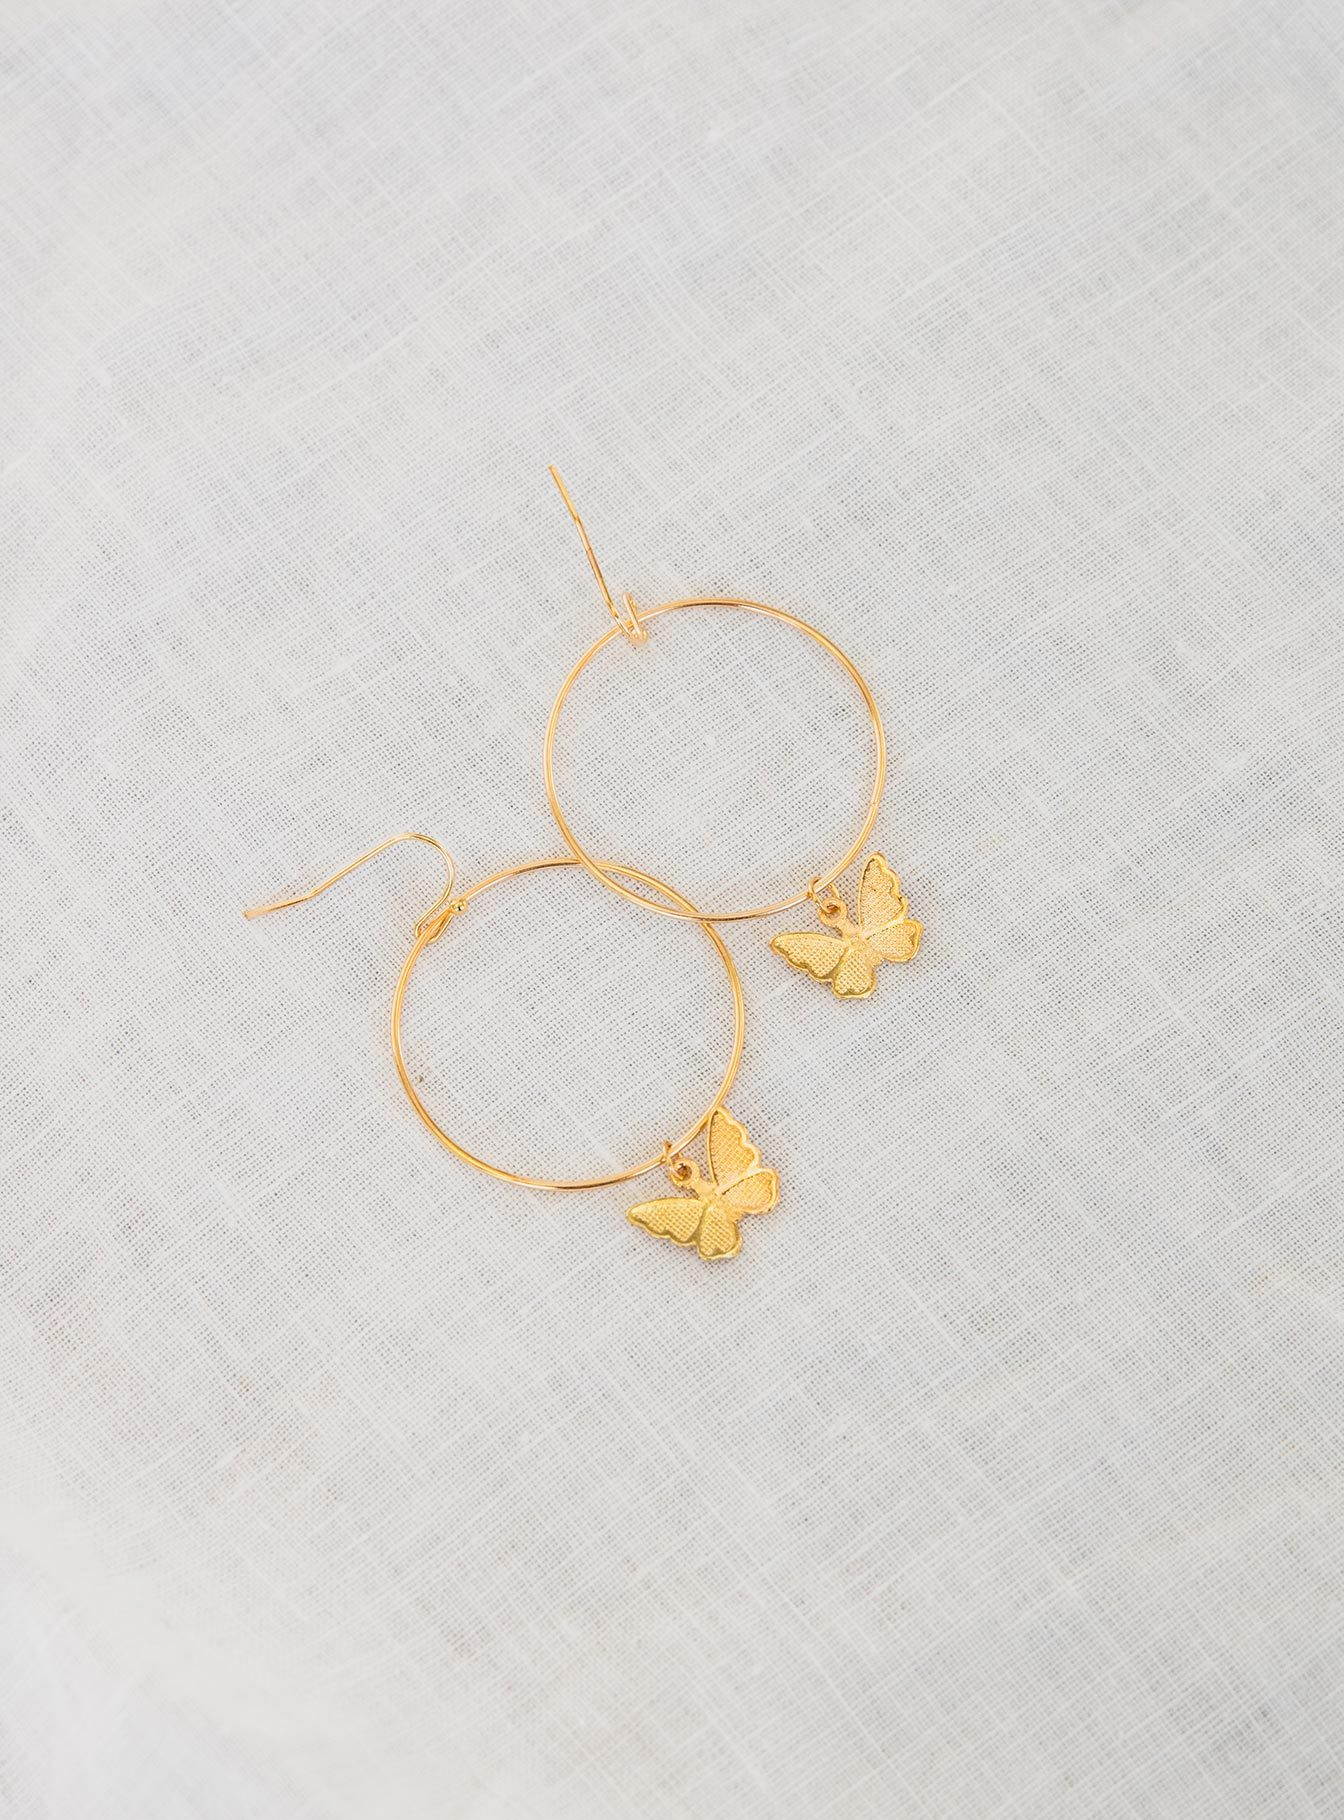 Earrings (Side B)